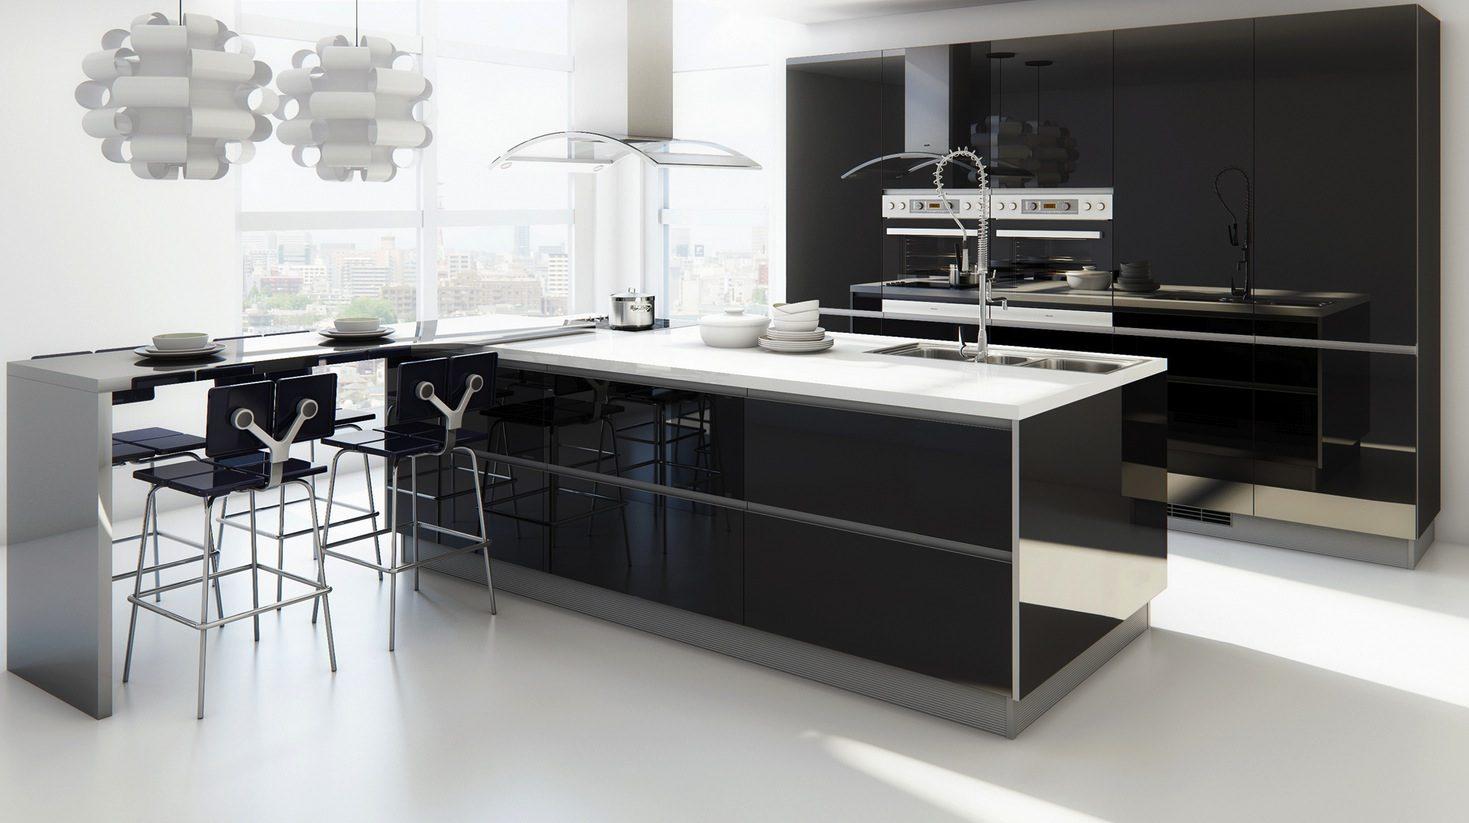 Cocinas Lujosas Y Modernas Great Resultado De Imagen Para Cocinas  # Muebles Lujosos Y Modernos